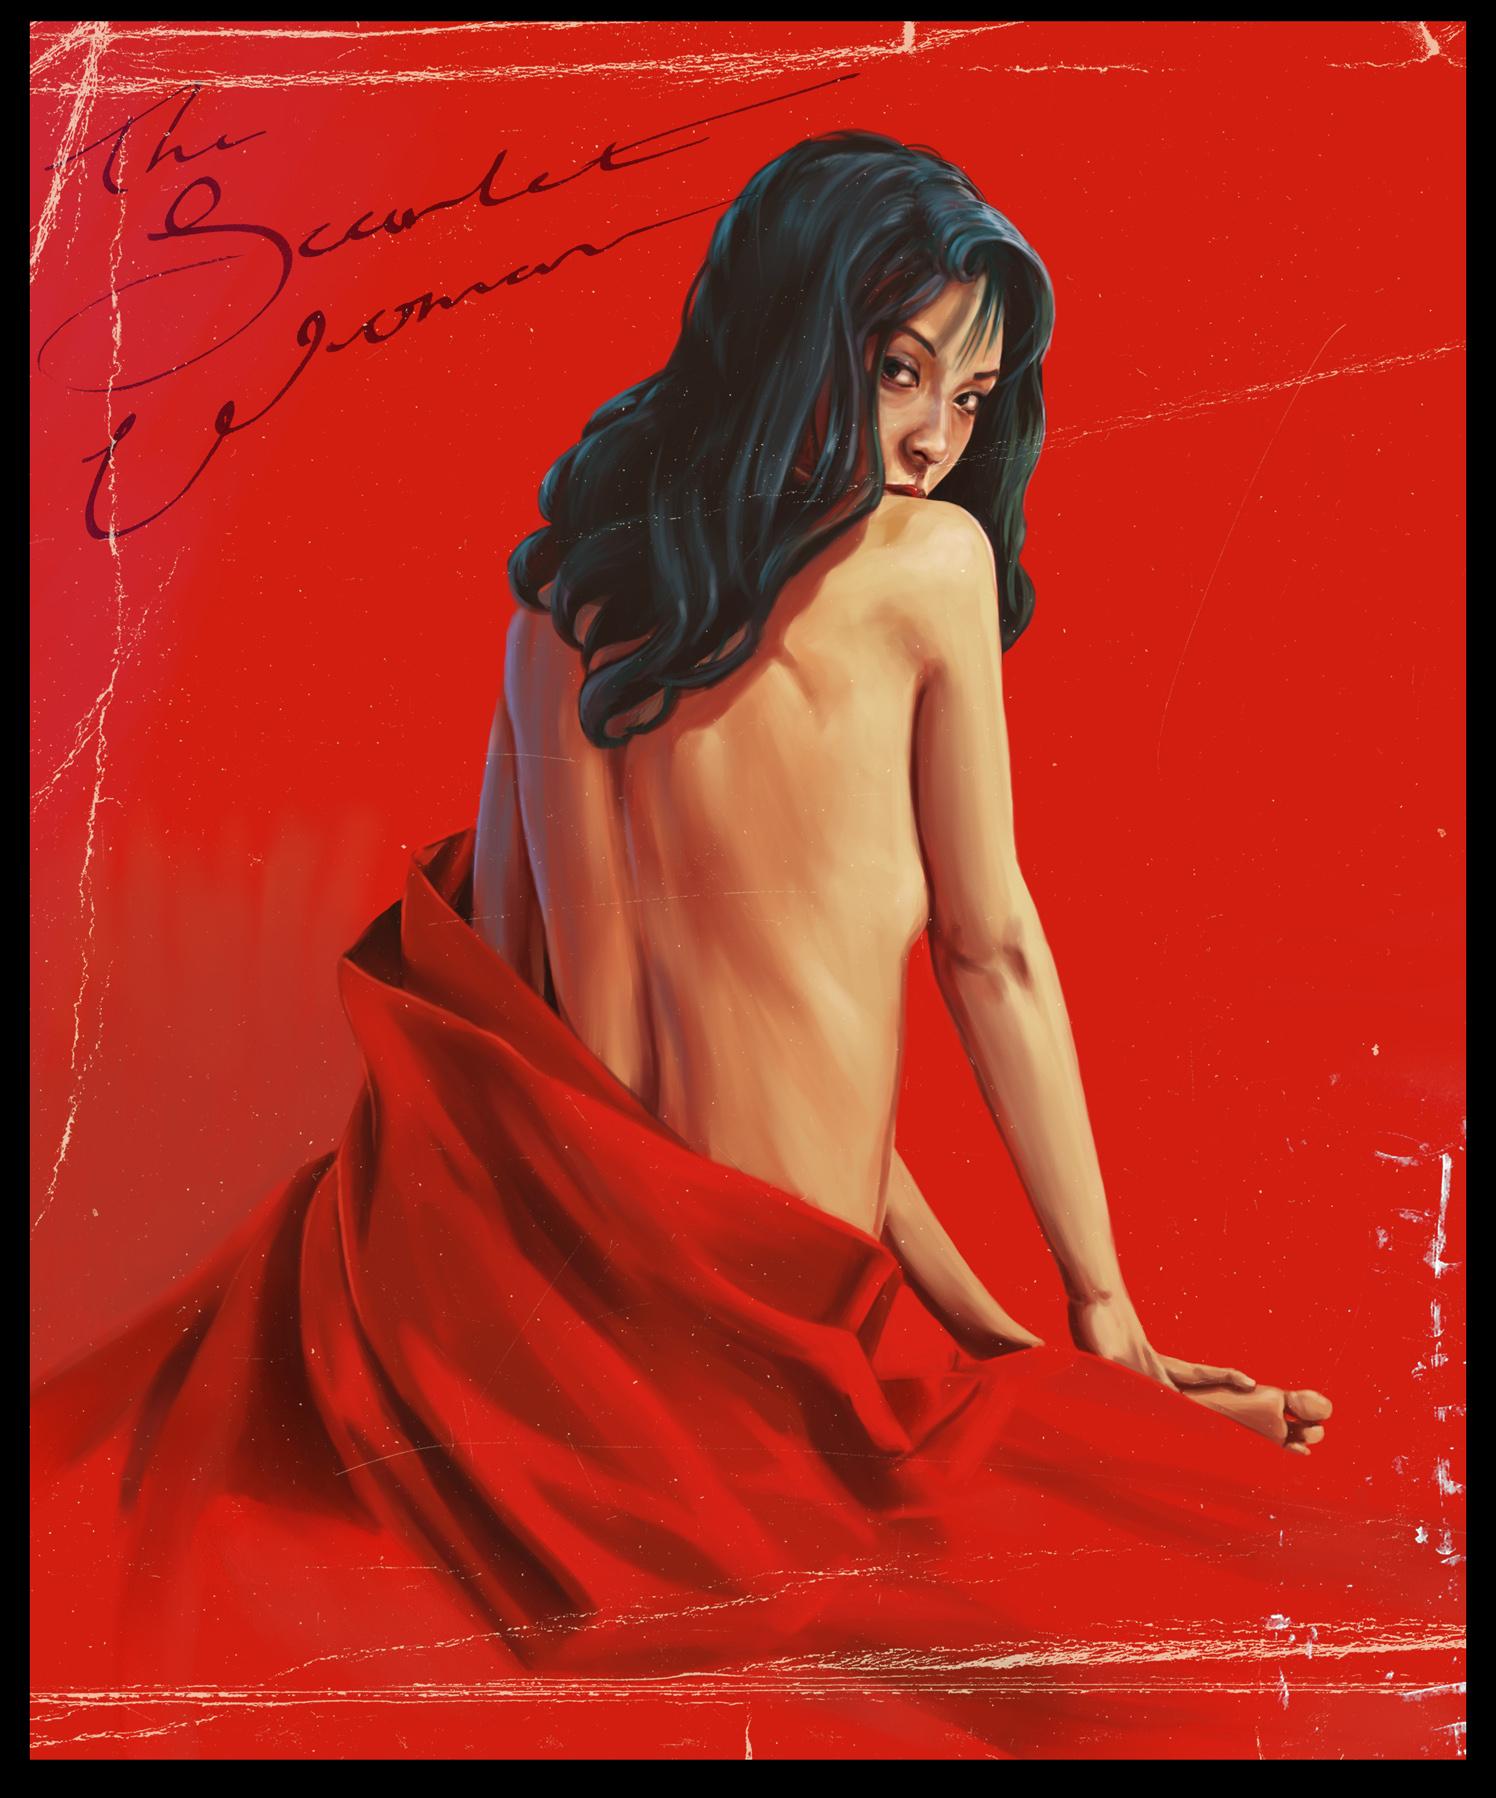 The Scarlet Women